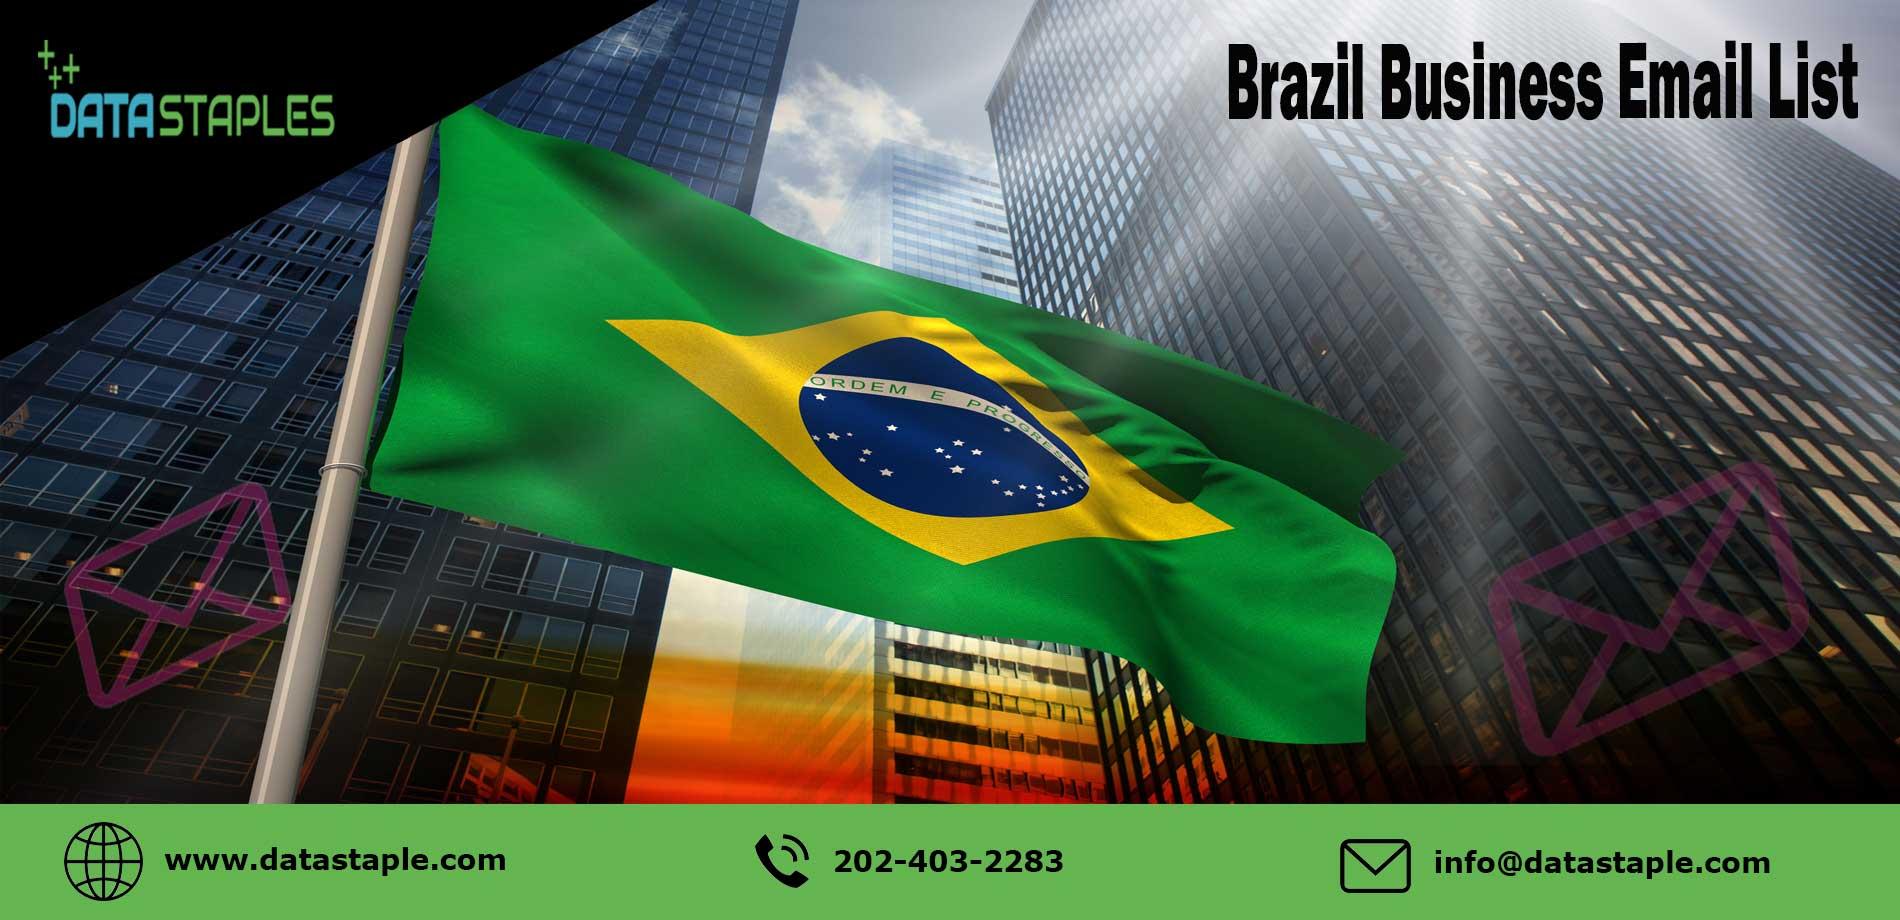 Brazil Business Email List   DataStaples